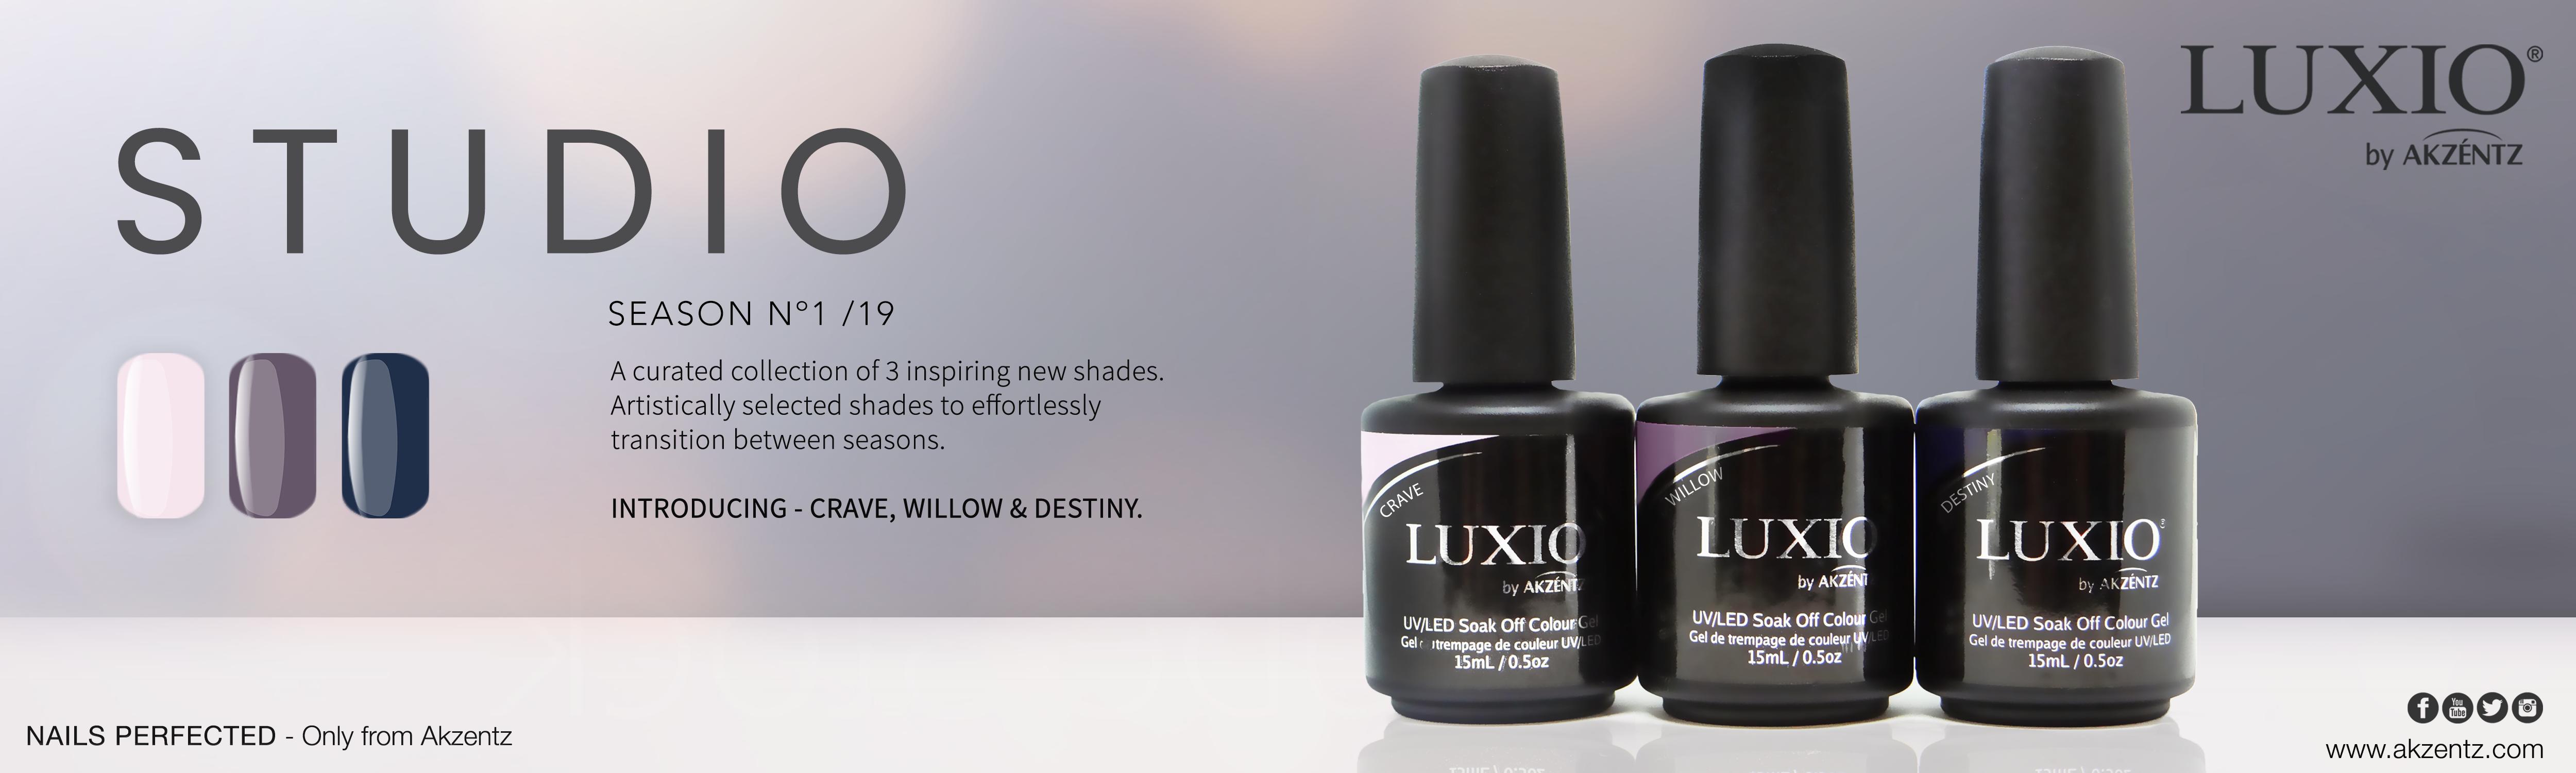 luxio-studio-s119-banner.png